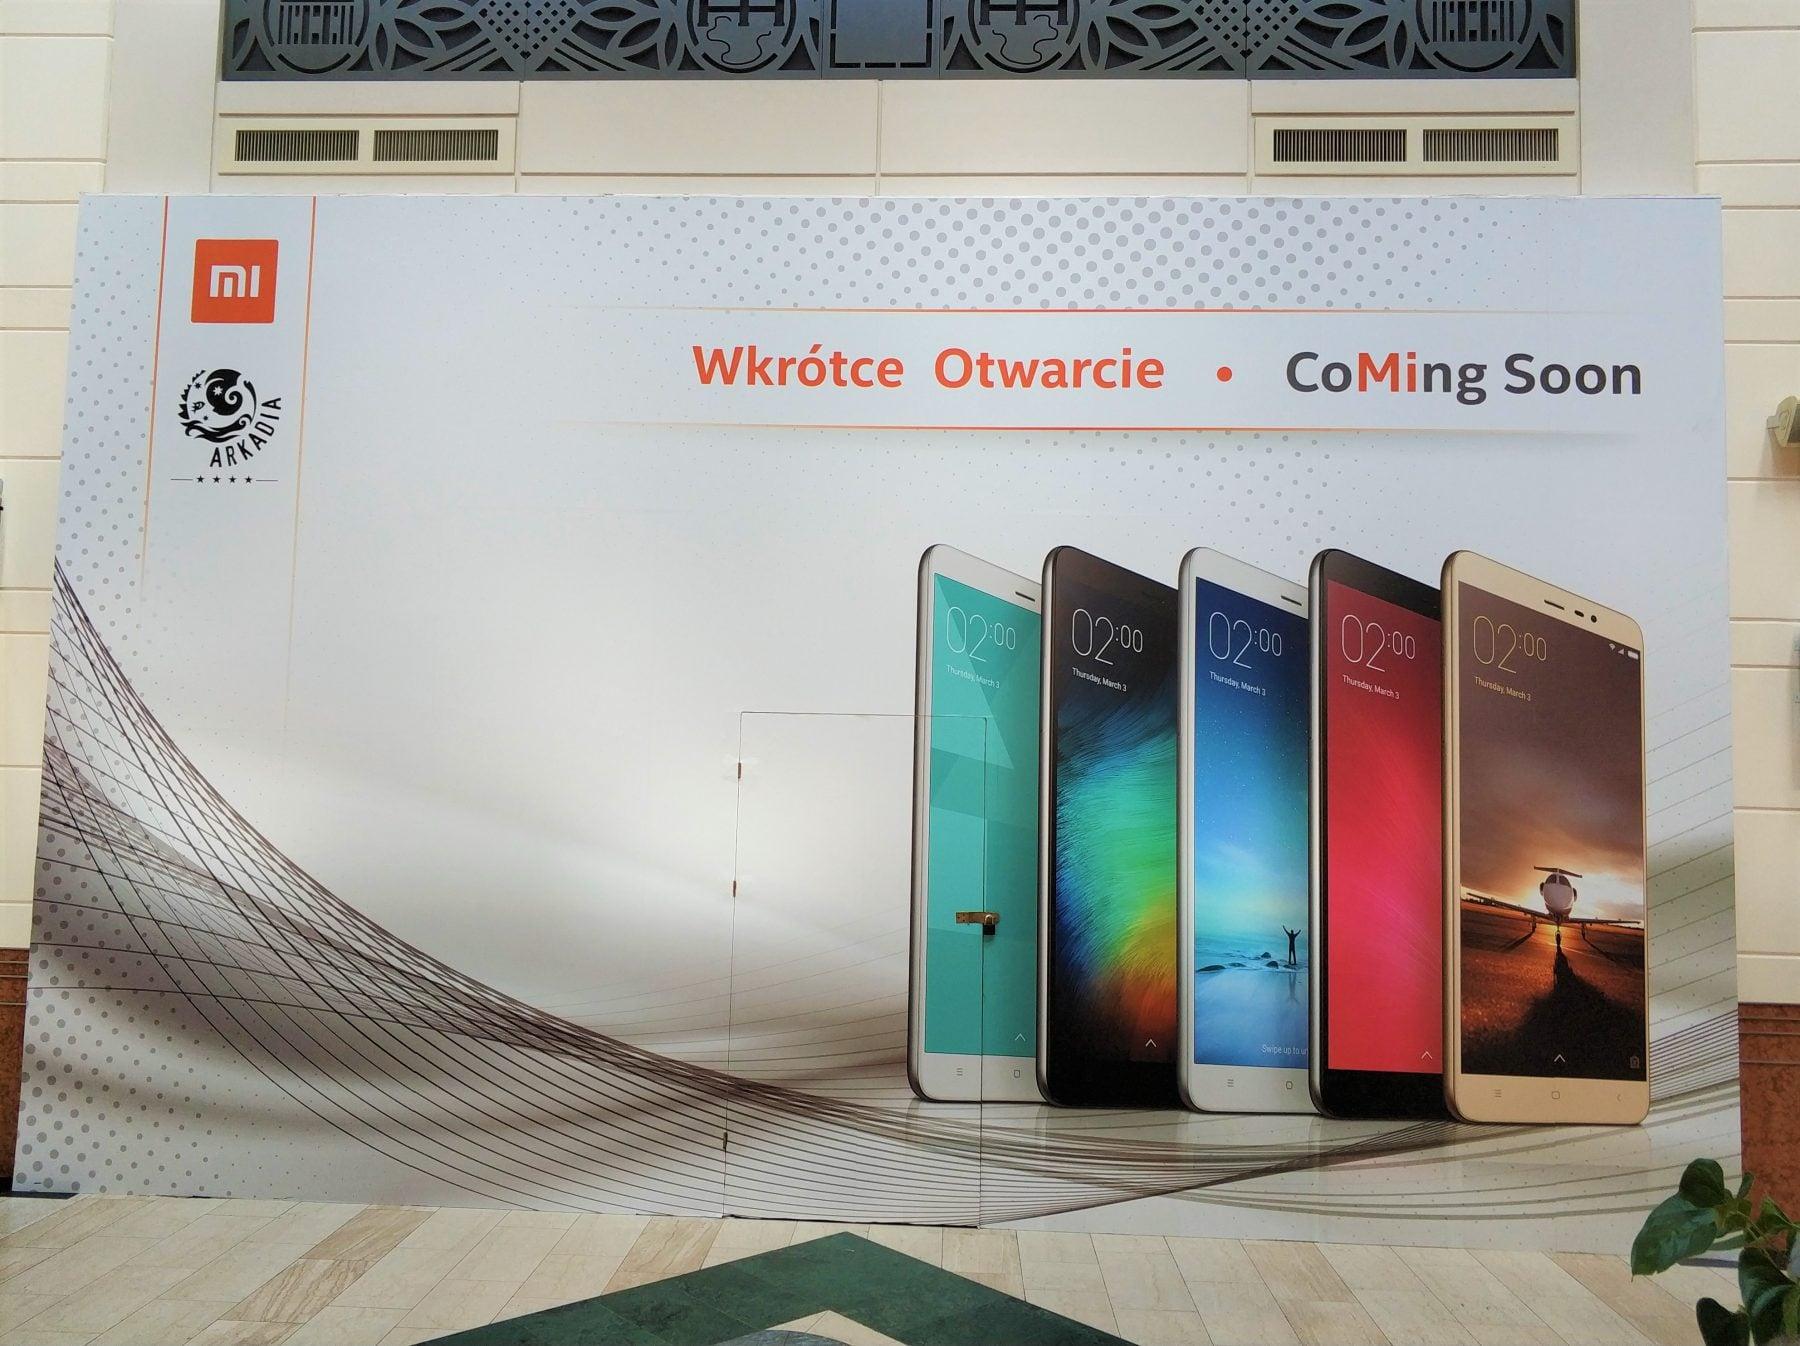 Już w tę sobotę w Warszawie zostanie otwarty salon Xiaomi. Promocje w sklepie stacjonarnym, ale też i online 24